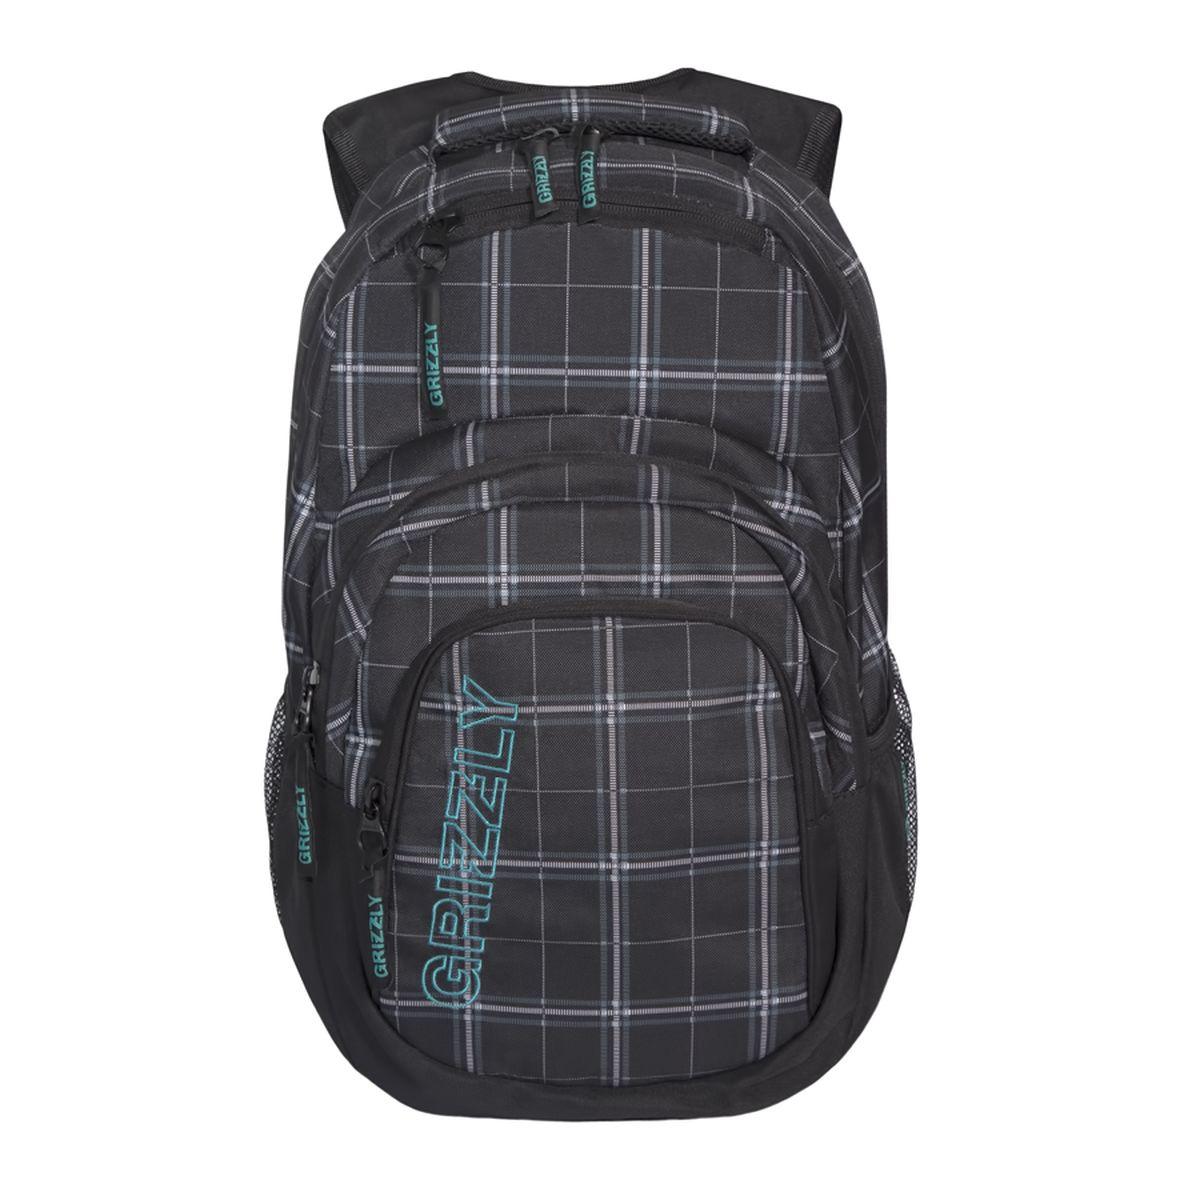 Рюкзак городской Grizzly, цвет: черный, серый. 32 л. RU-704-2/3RivaCase 7560 blueРюкзак городской Grizzl выполнен из высококачественного полиэстера. Рюкзак имеет ручку-петлю для подвешивания и две укрепленные лямки, длина которых регулируется с помощью пряжек. Модель имеет одно основное отделение, которое дополнено пеналом-органайзером и укрепленным карманом для ноутбука. Передняя сторона оснащена двумя объемными карманами на молнии и верхним карманом быстрого доступа. Боковые стенки дополнены объемными карманами из сетки. Тыльная сторона рюкзака имеет укрепленную спинку и нагрудную стяжку-фиксатор.